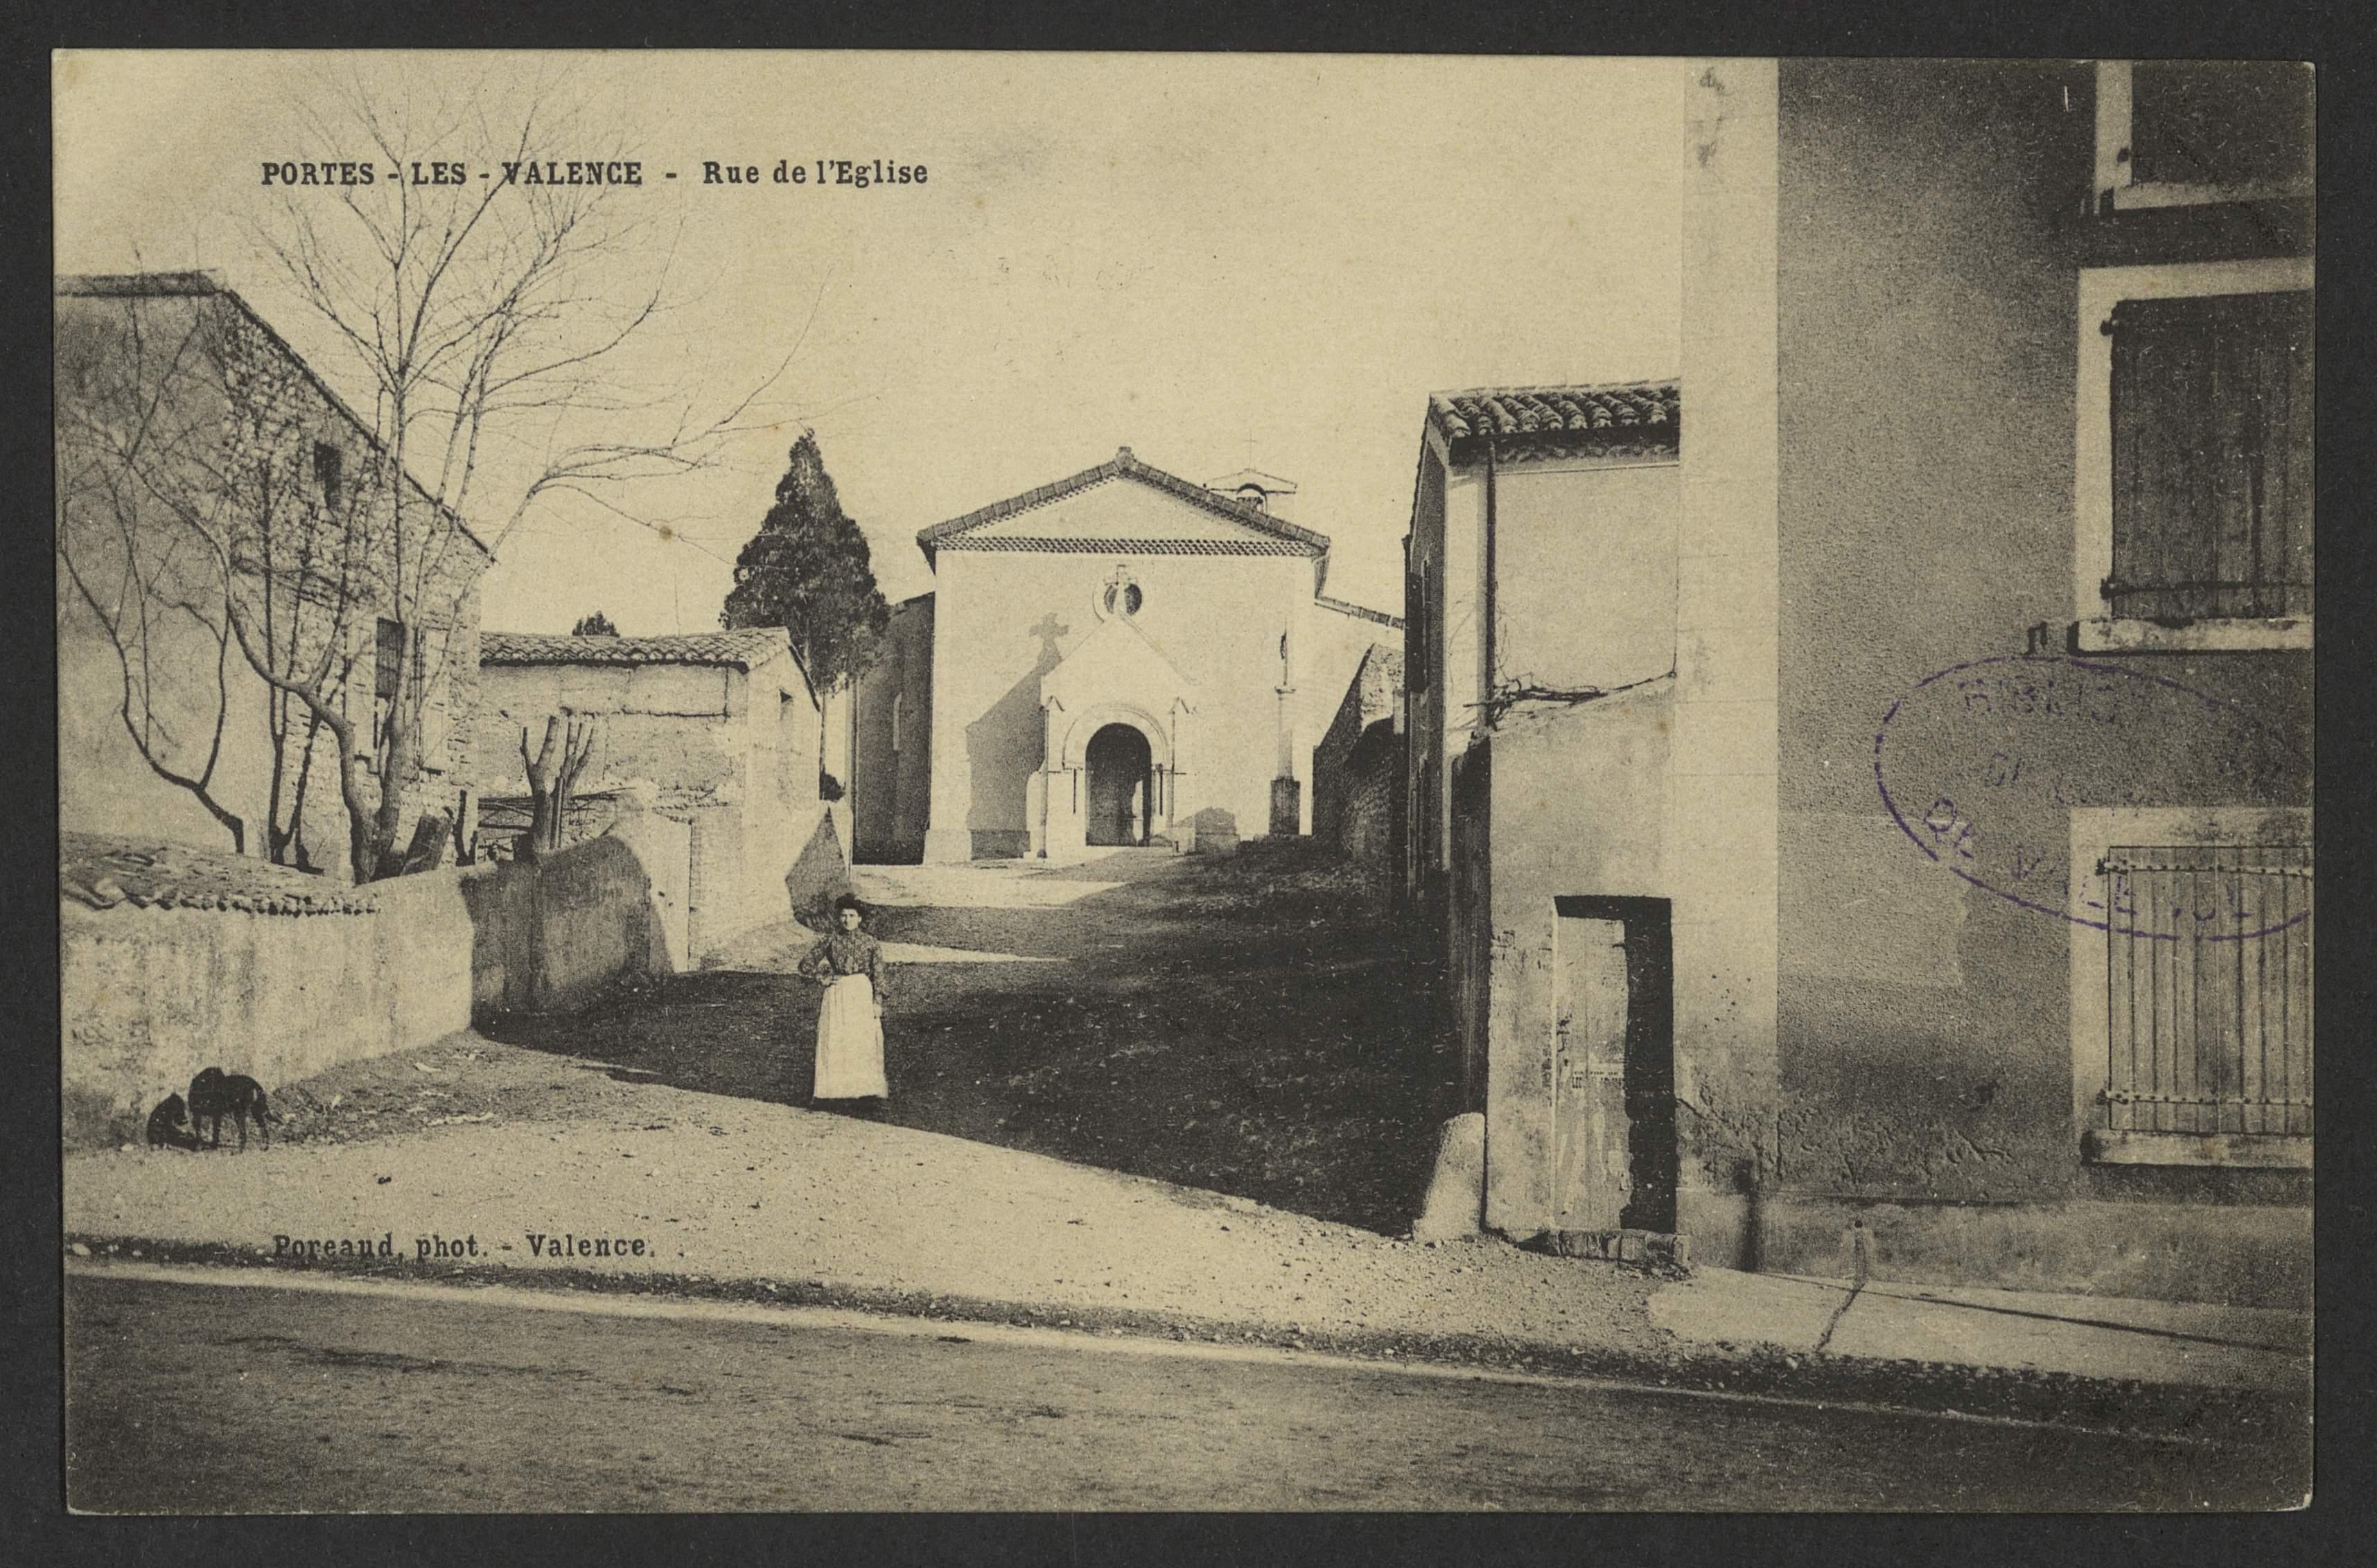 Portes-Les-Valence - Rue de l'église